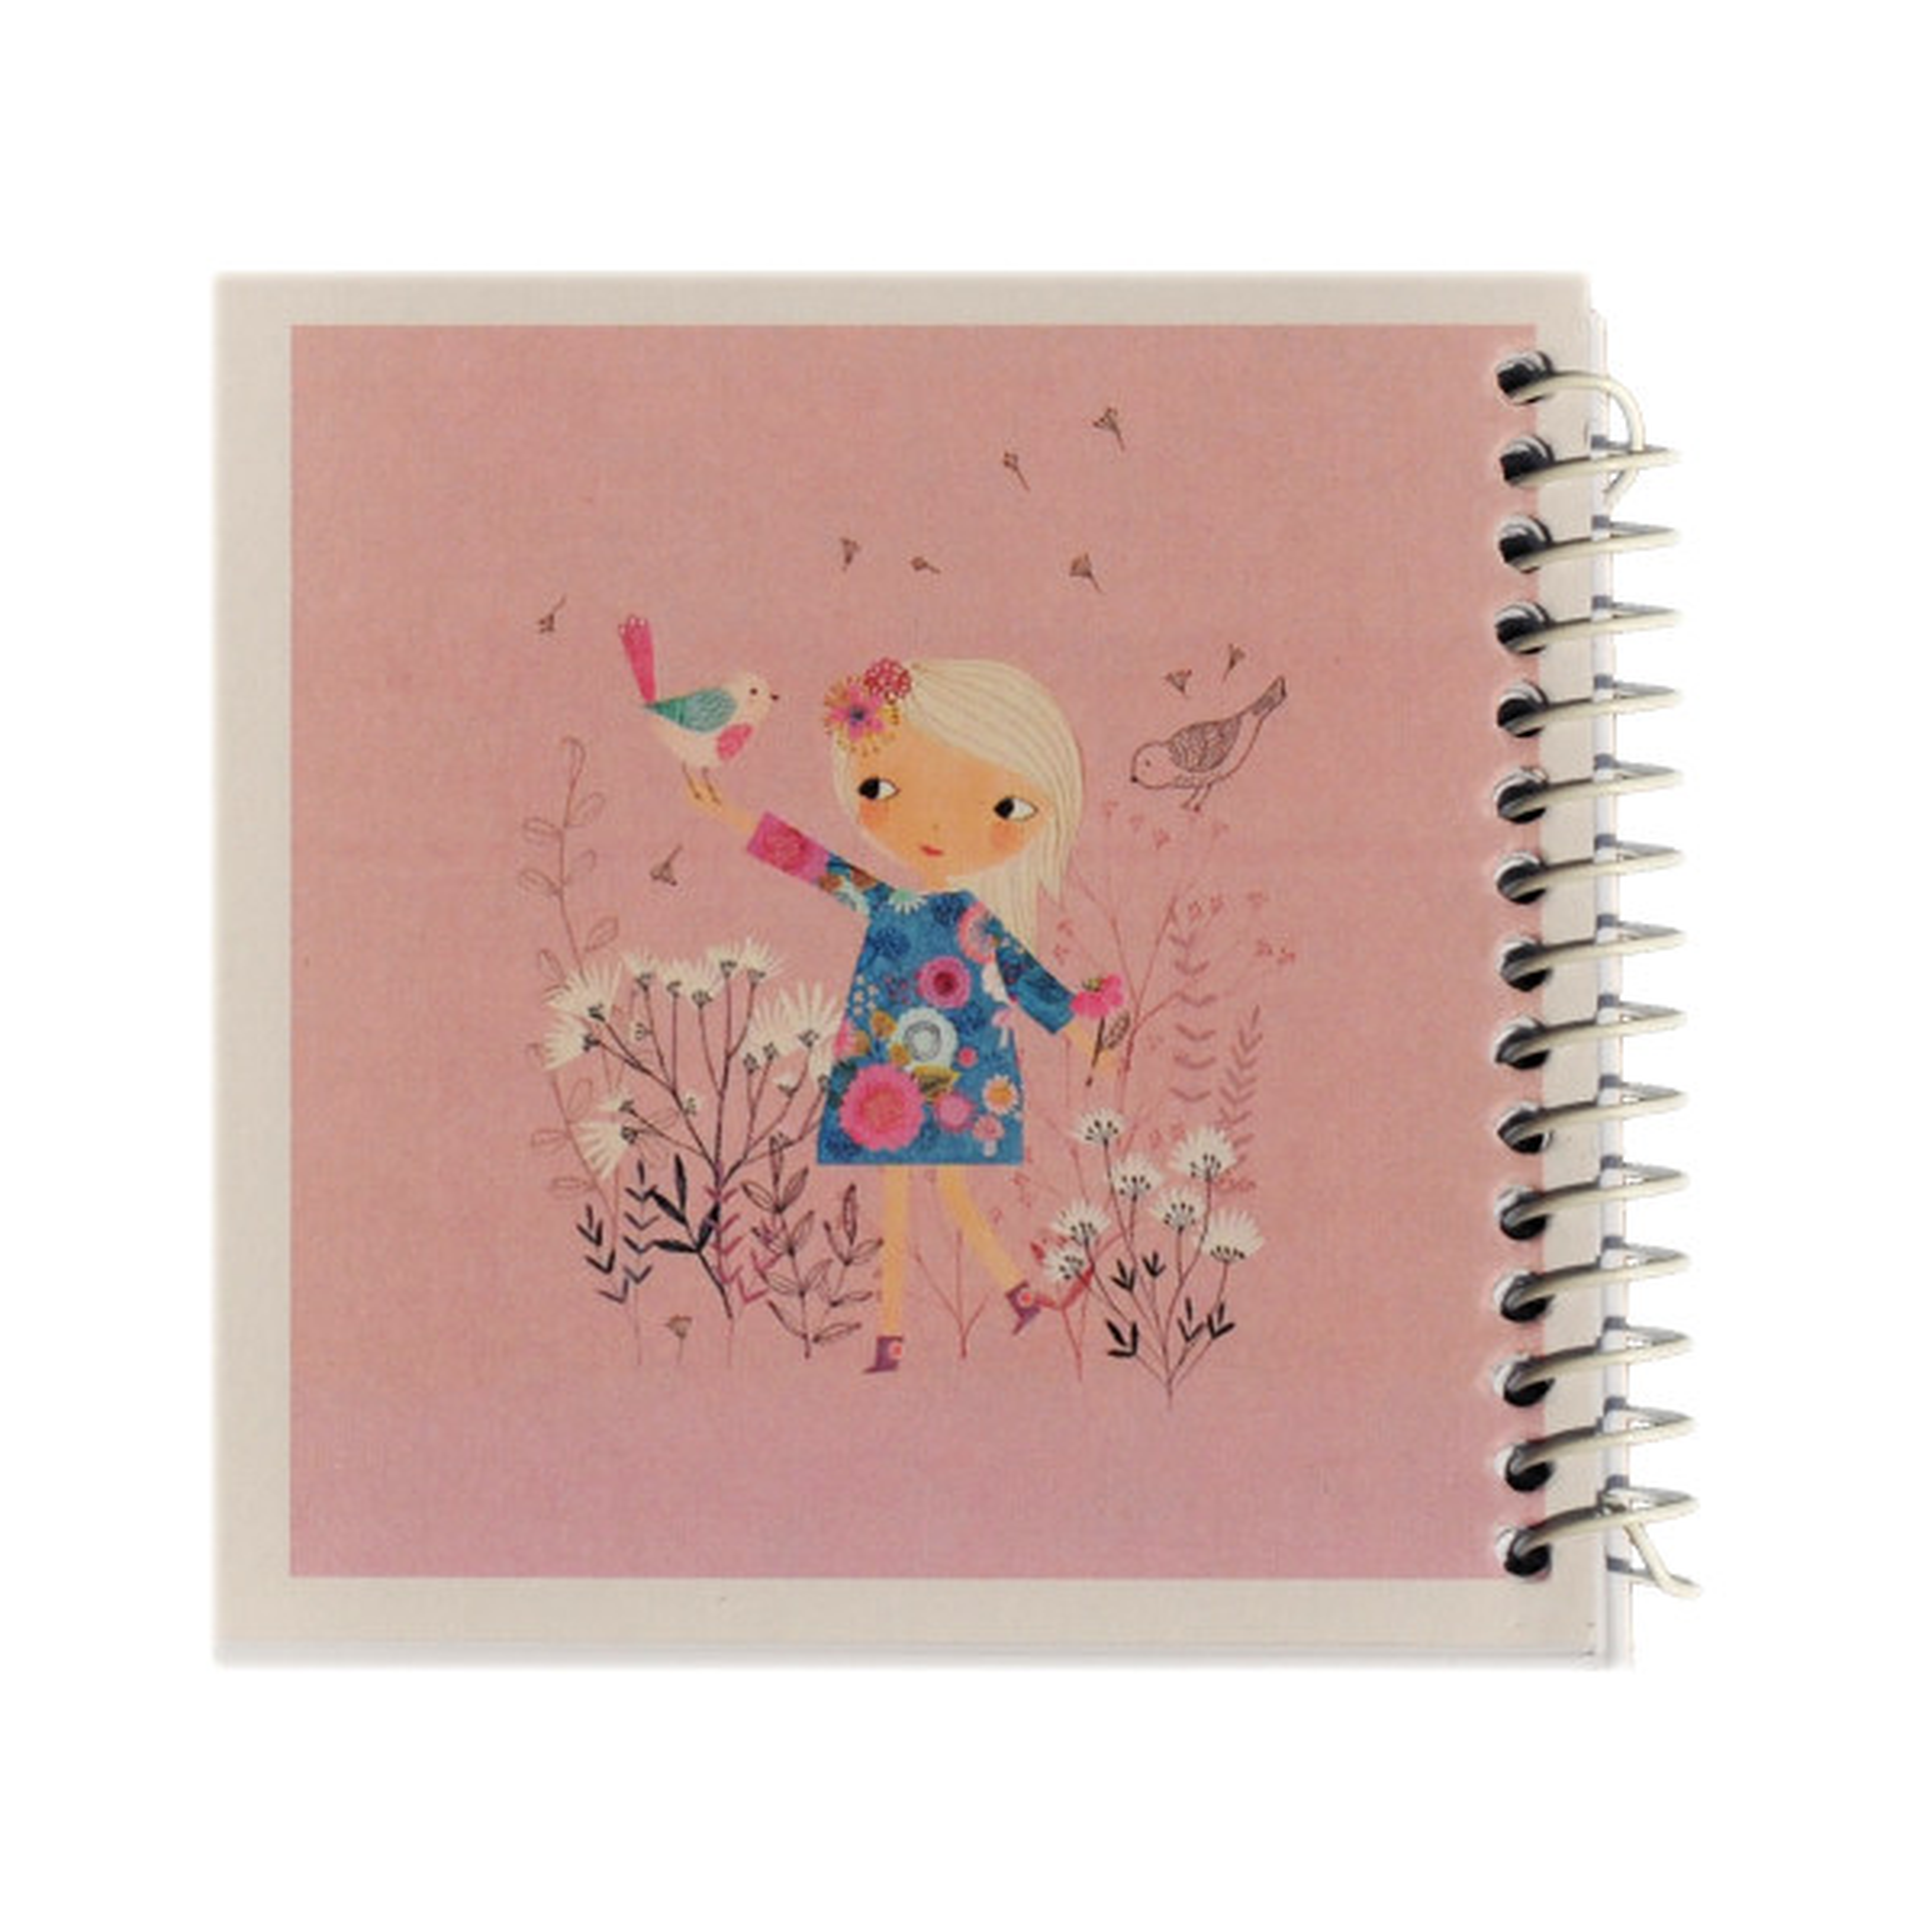 دفتر یادداشت ژوست طرح دخترک و پرنده ی رنگی مدل کژوال کد ۰۱